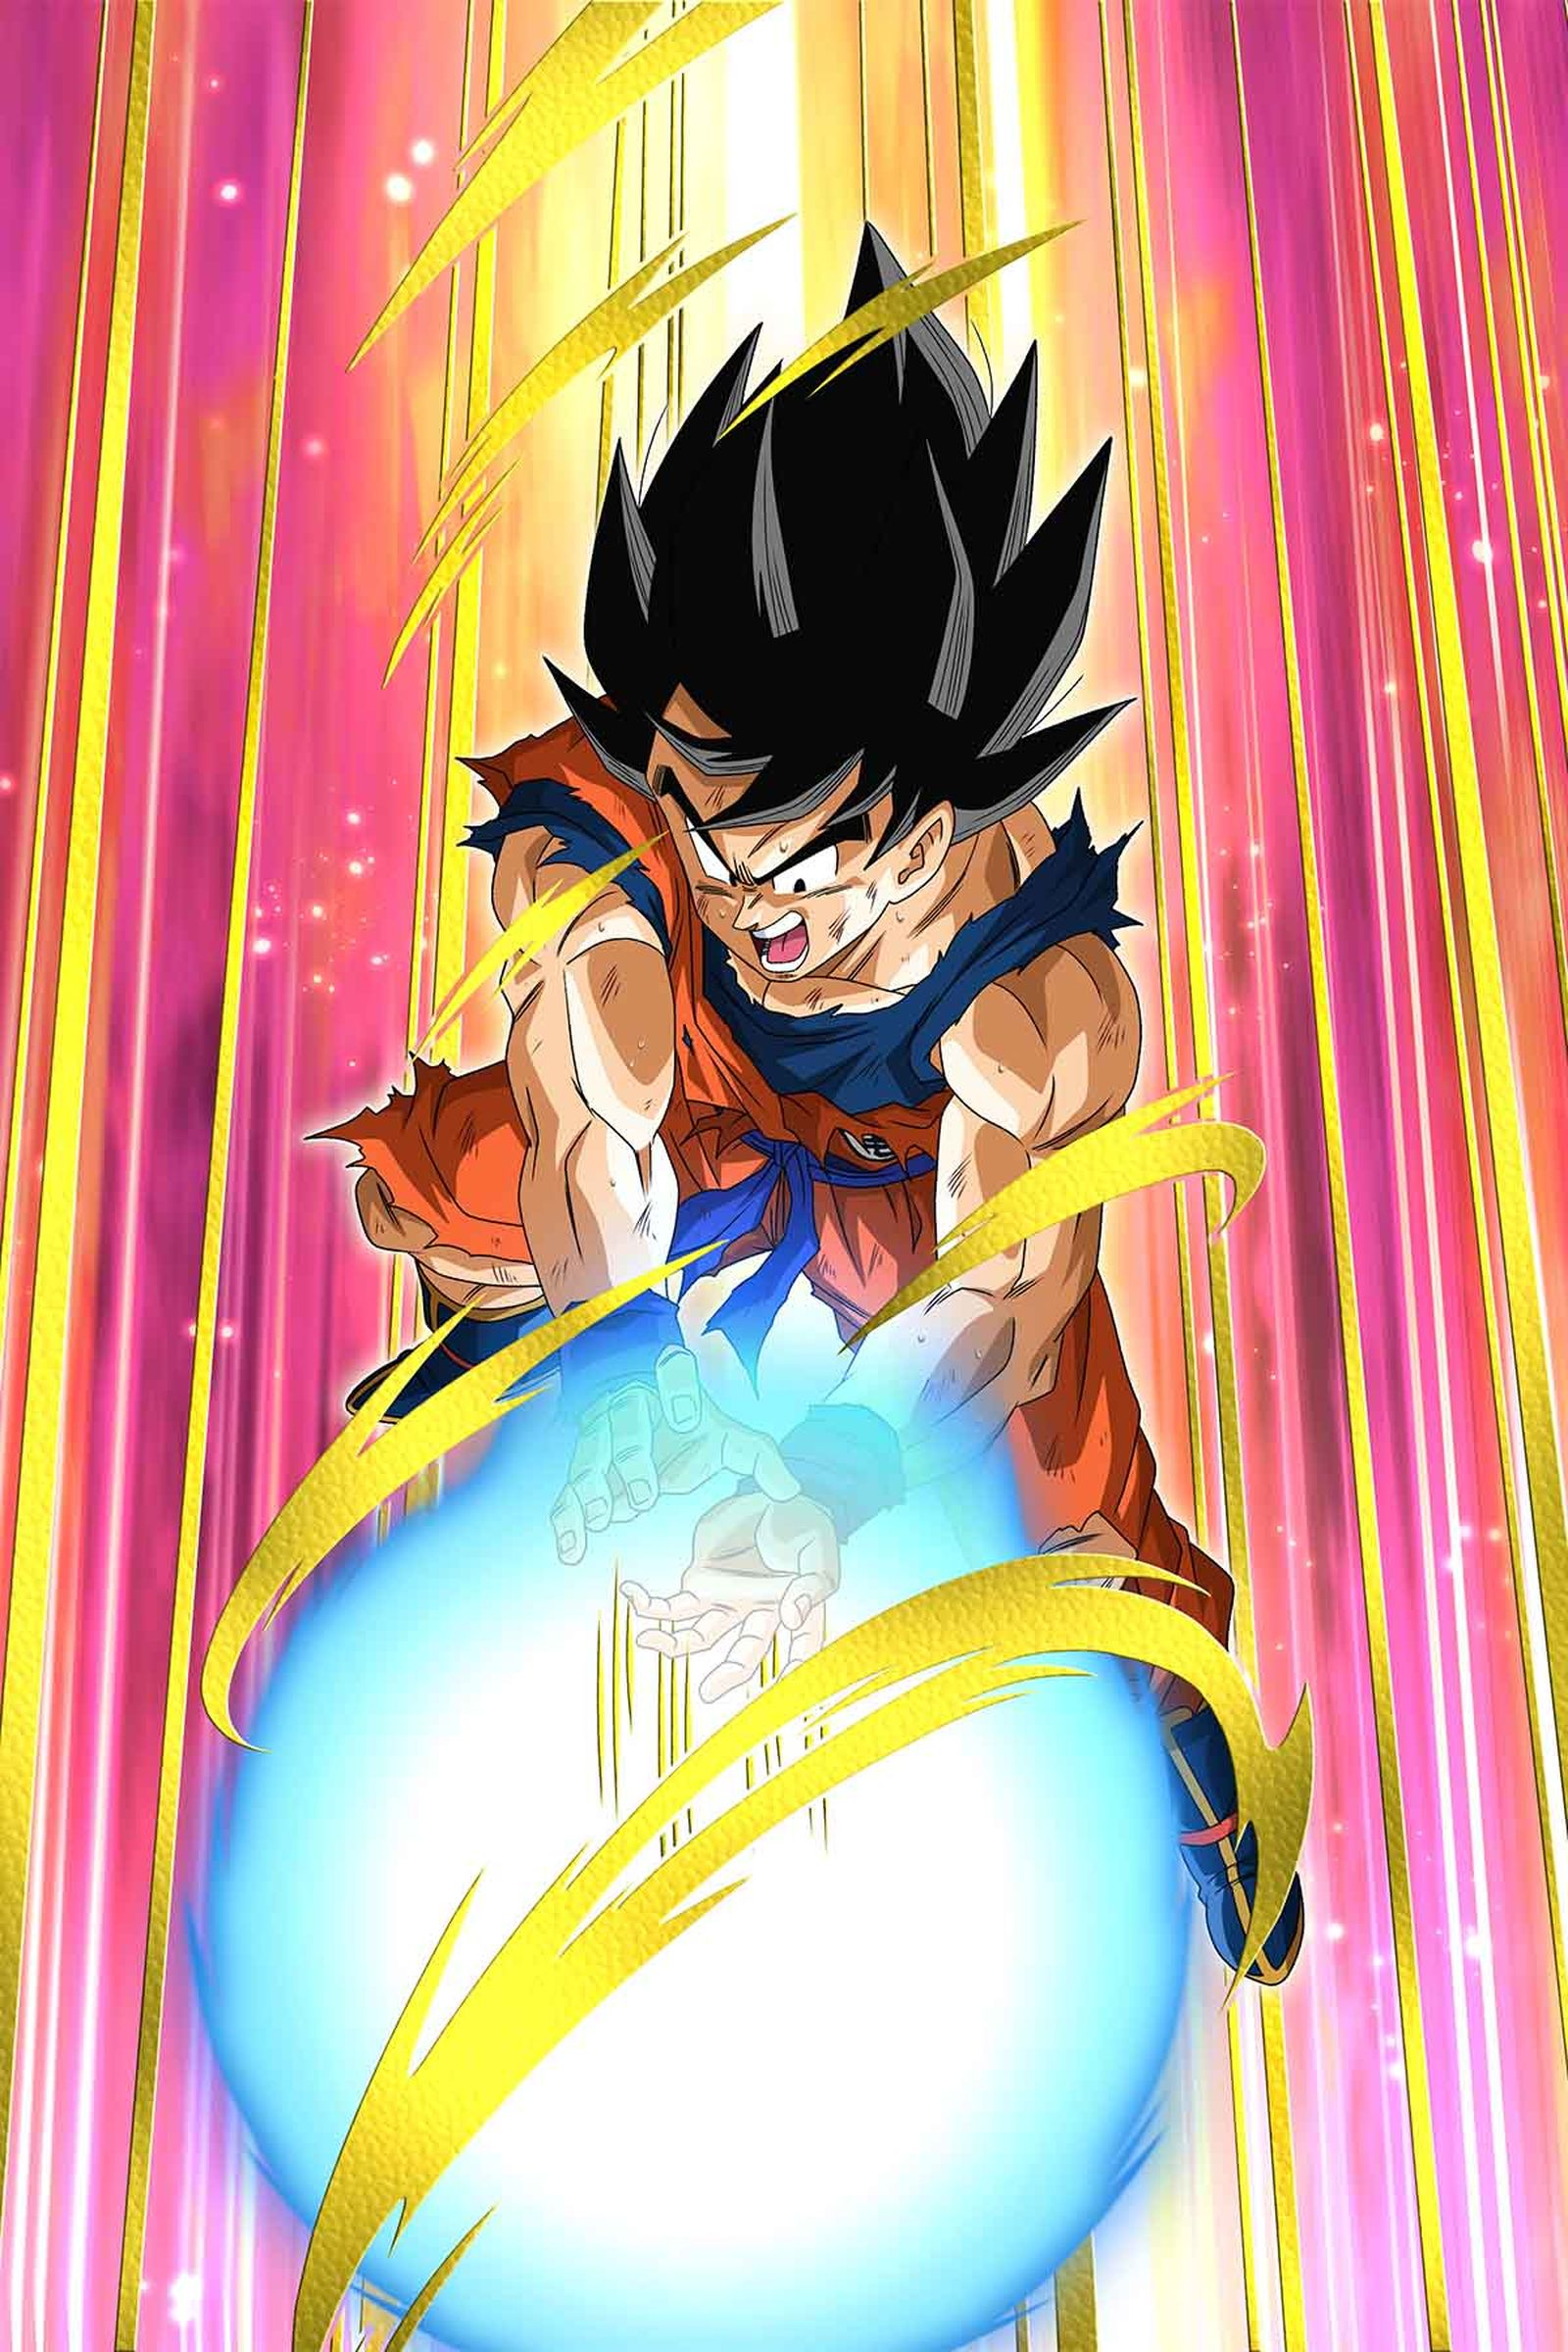 New Dragon Ball Z: Kakarot Screenshots Show Majin Buu Saga